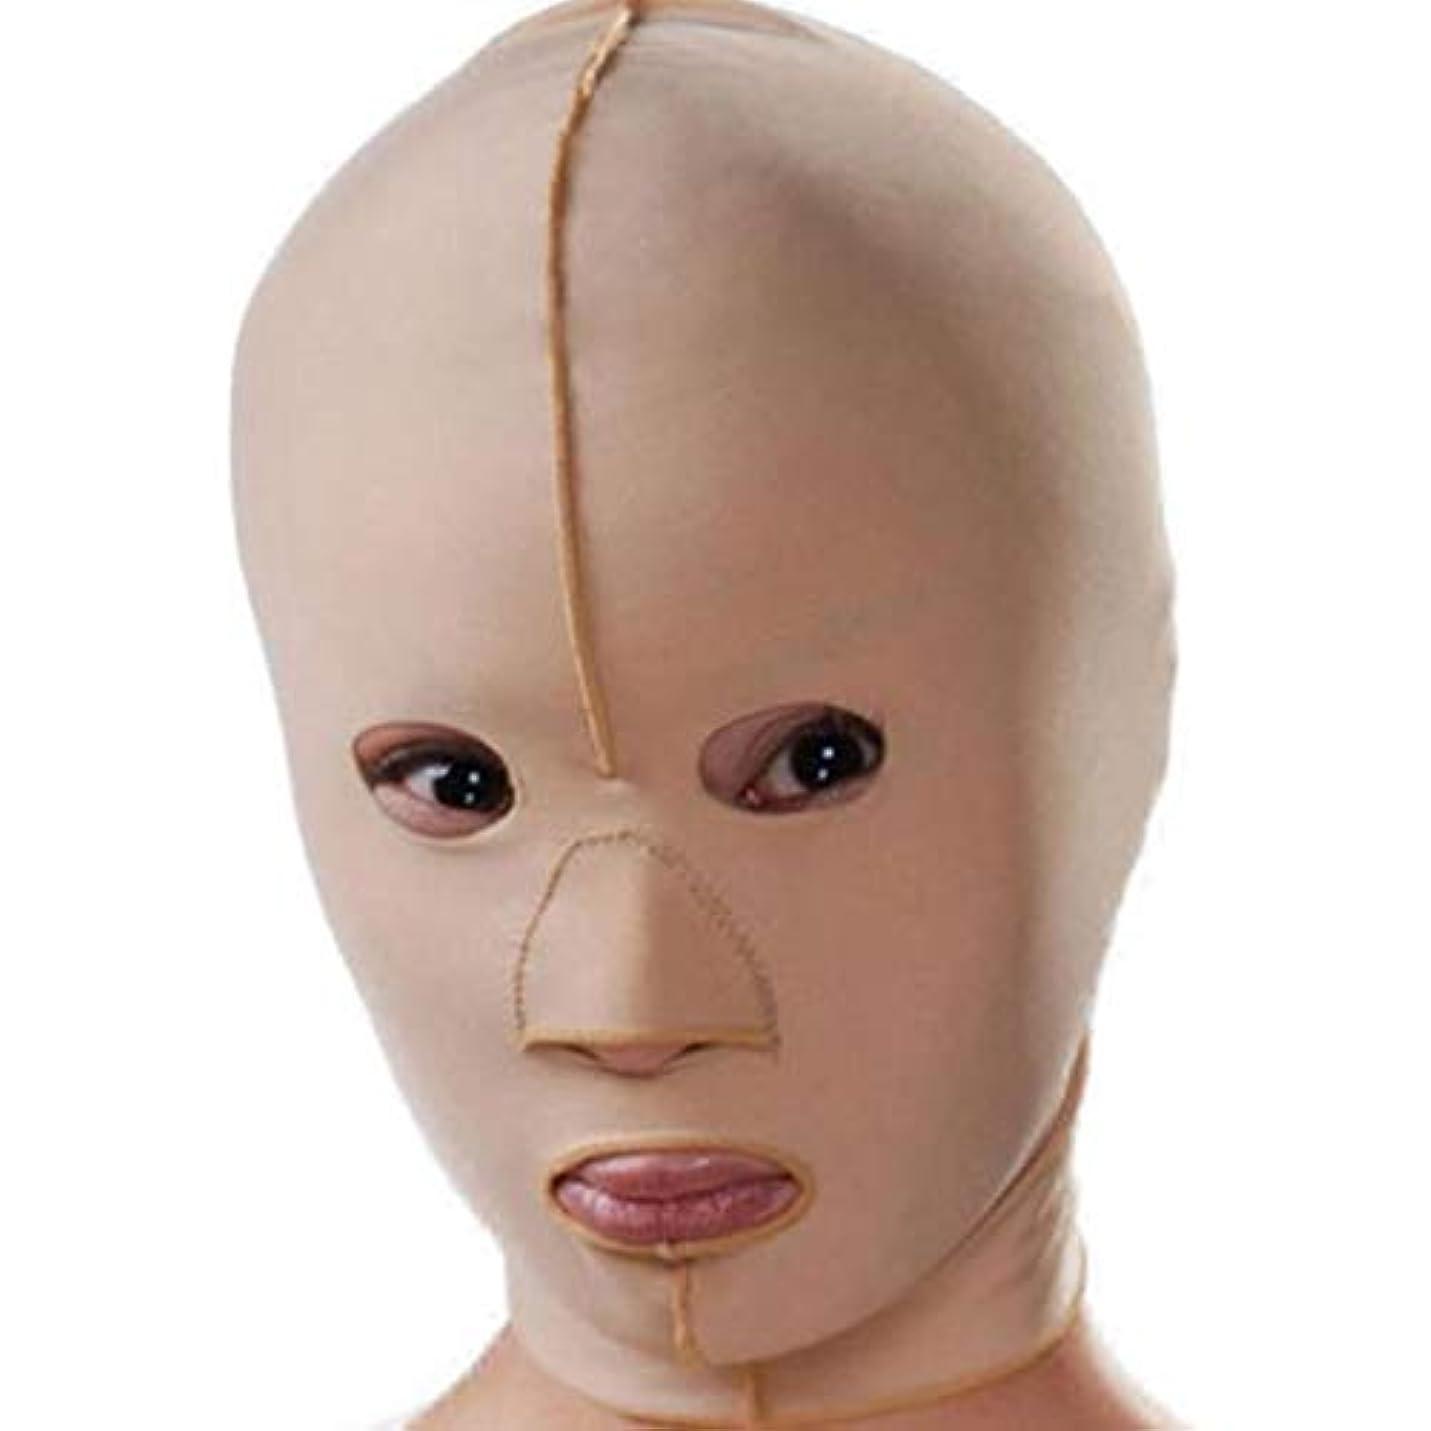 するだろう平衡警官痩身包帯、マスク薄いフェイスマスクリフティングダブルあご引き締め顔面プラスチックフェイスアーティファクト強力なフェイス包帯